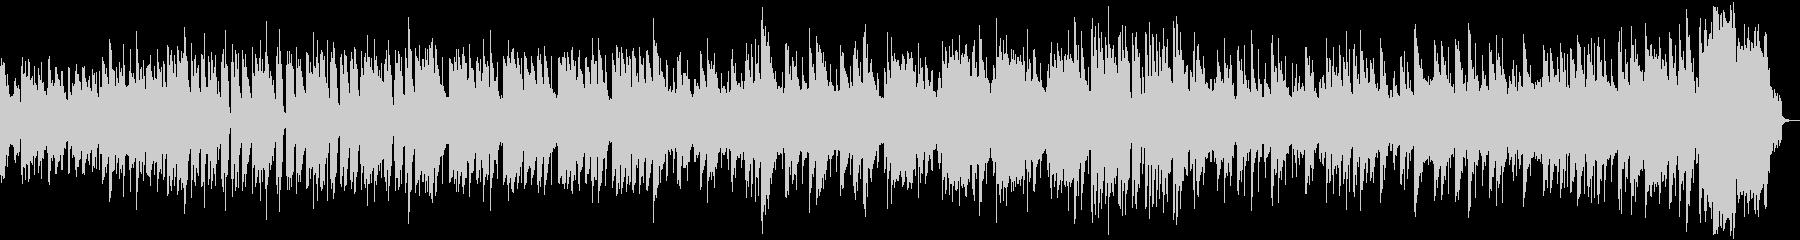 8bit ポップな宇宙 1コーラス版の未再生の波形